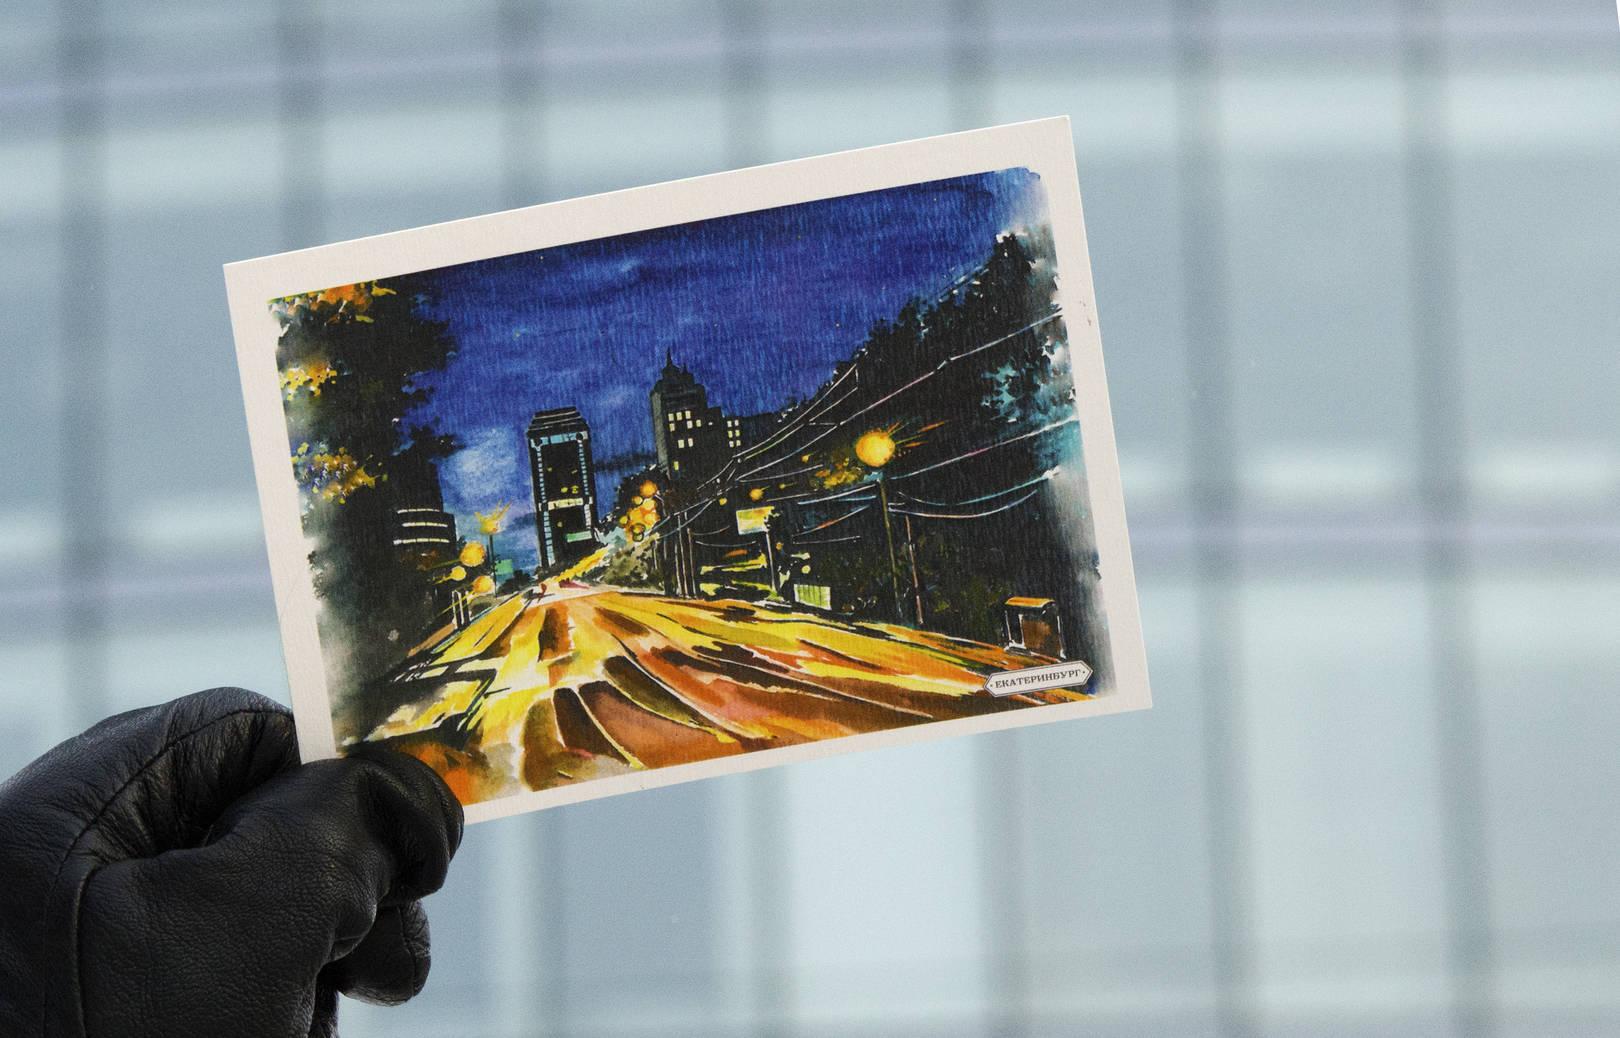 Панорама ночного города  Екатеринбург, улица Малышева  Автор: Антропова М.А.  Panorama of night city  Ekaterinburg, Malysheva street  Artist: Antropova M.A.